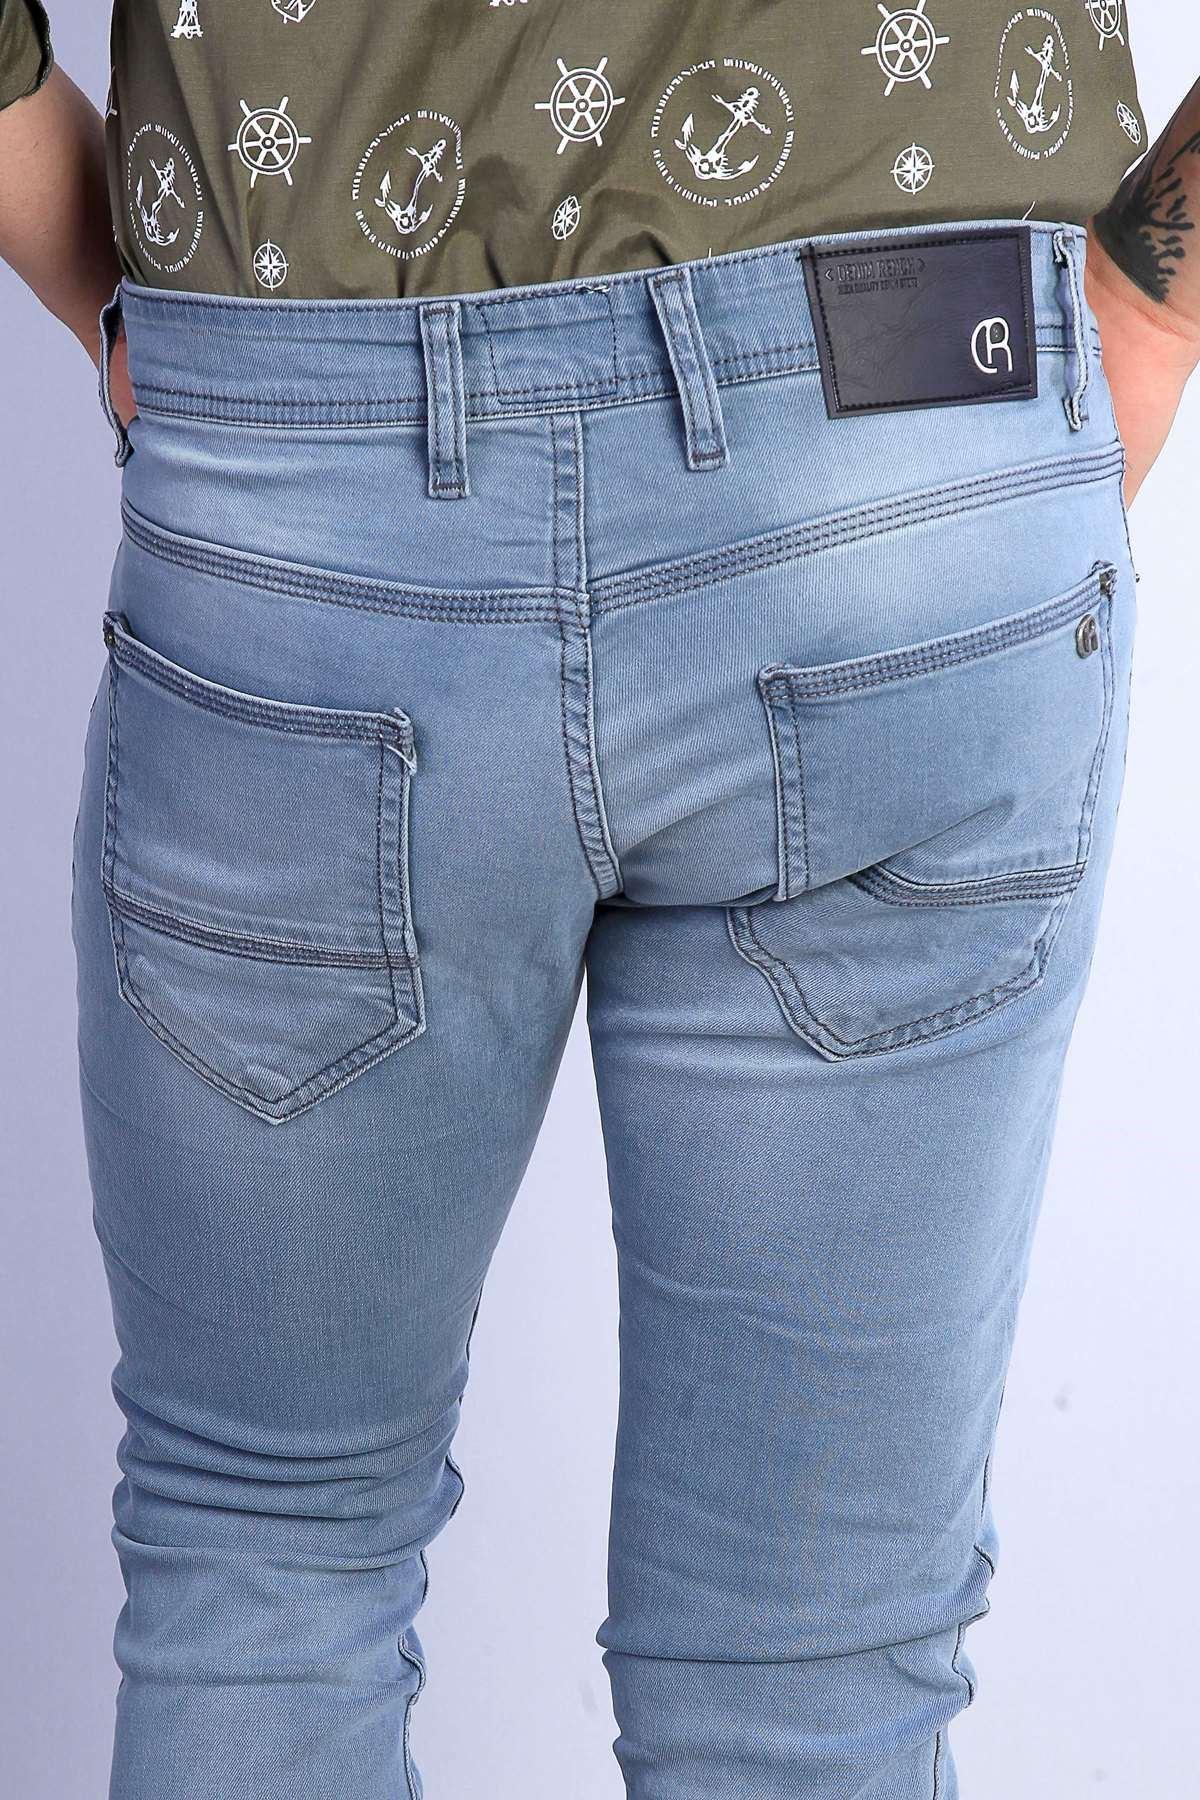 Taşlamalı Lazer Tırtıklı Slim Fit Kot Pantolon Açık-Lacivert